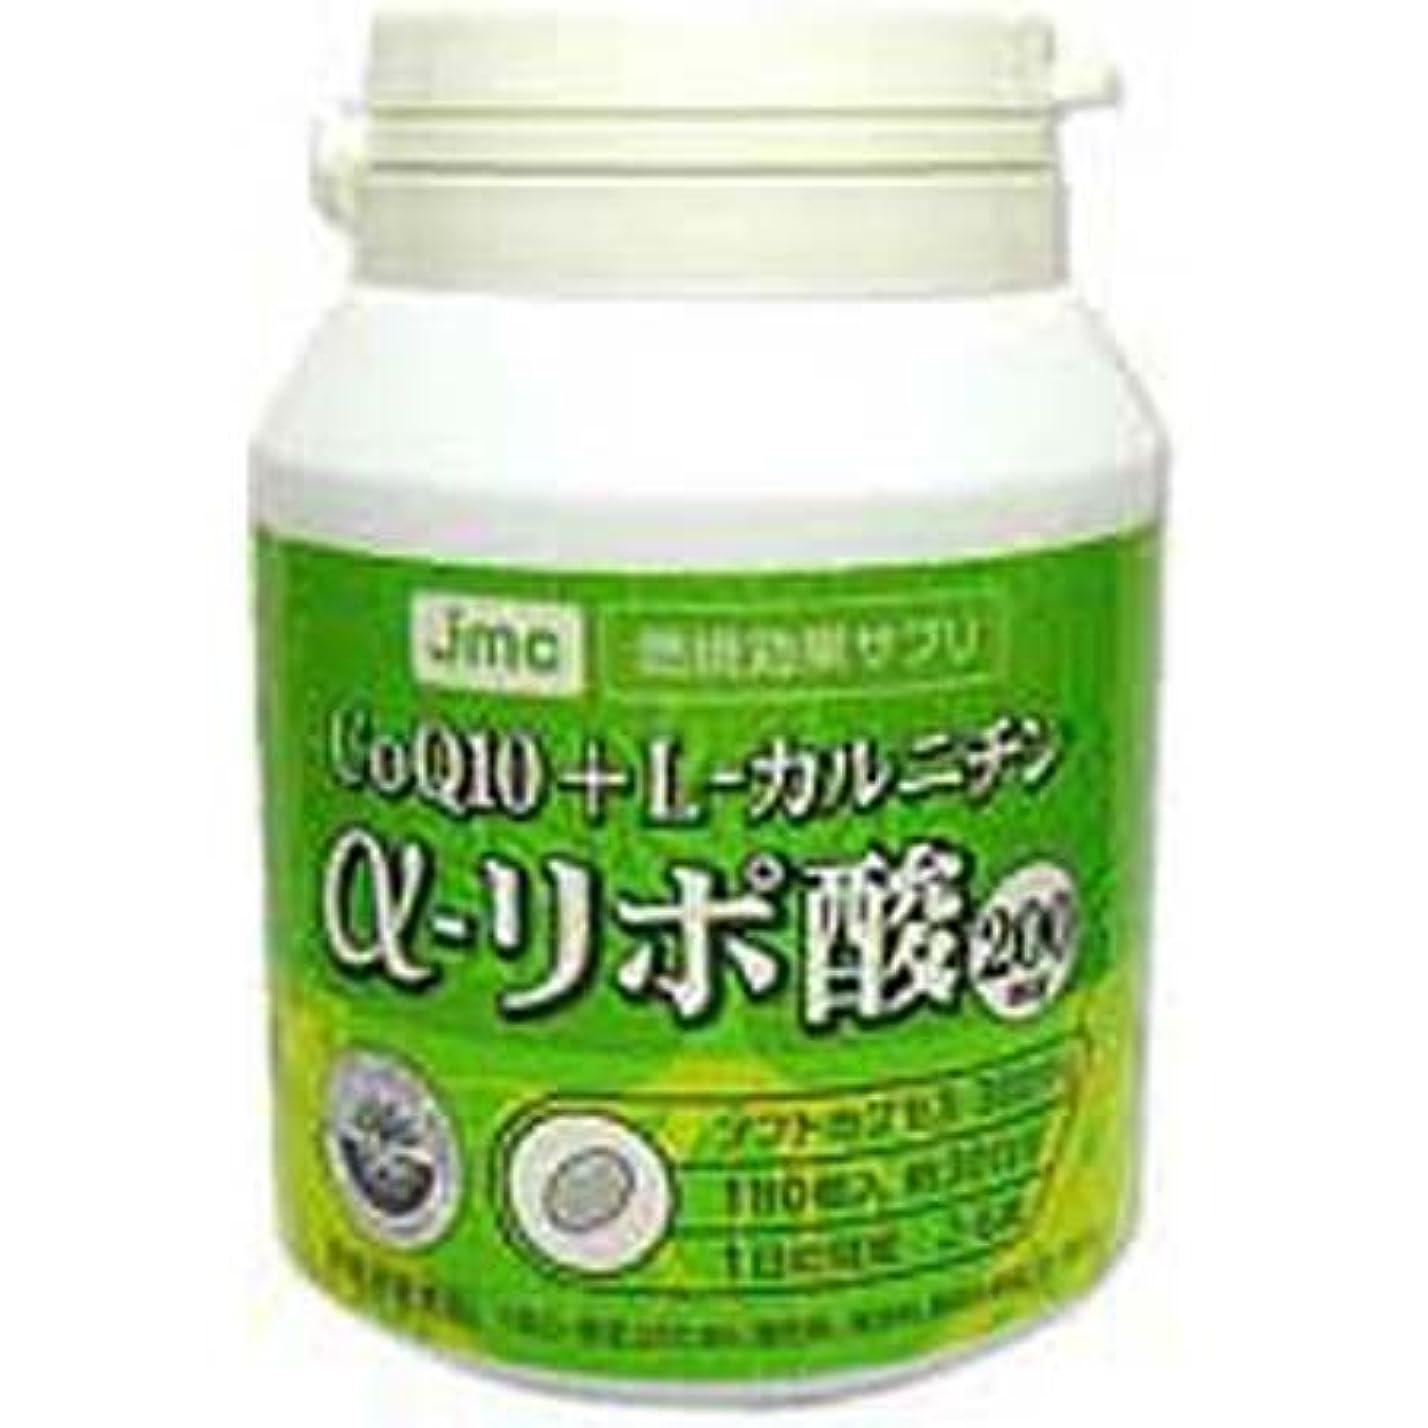 きしむ冷蔵する枝サイクルーズ ケンコー α-リポ酸200mg 54g(300mg×約180粒)